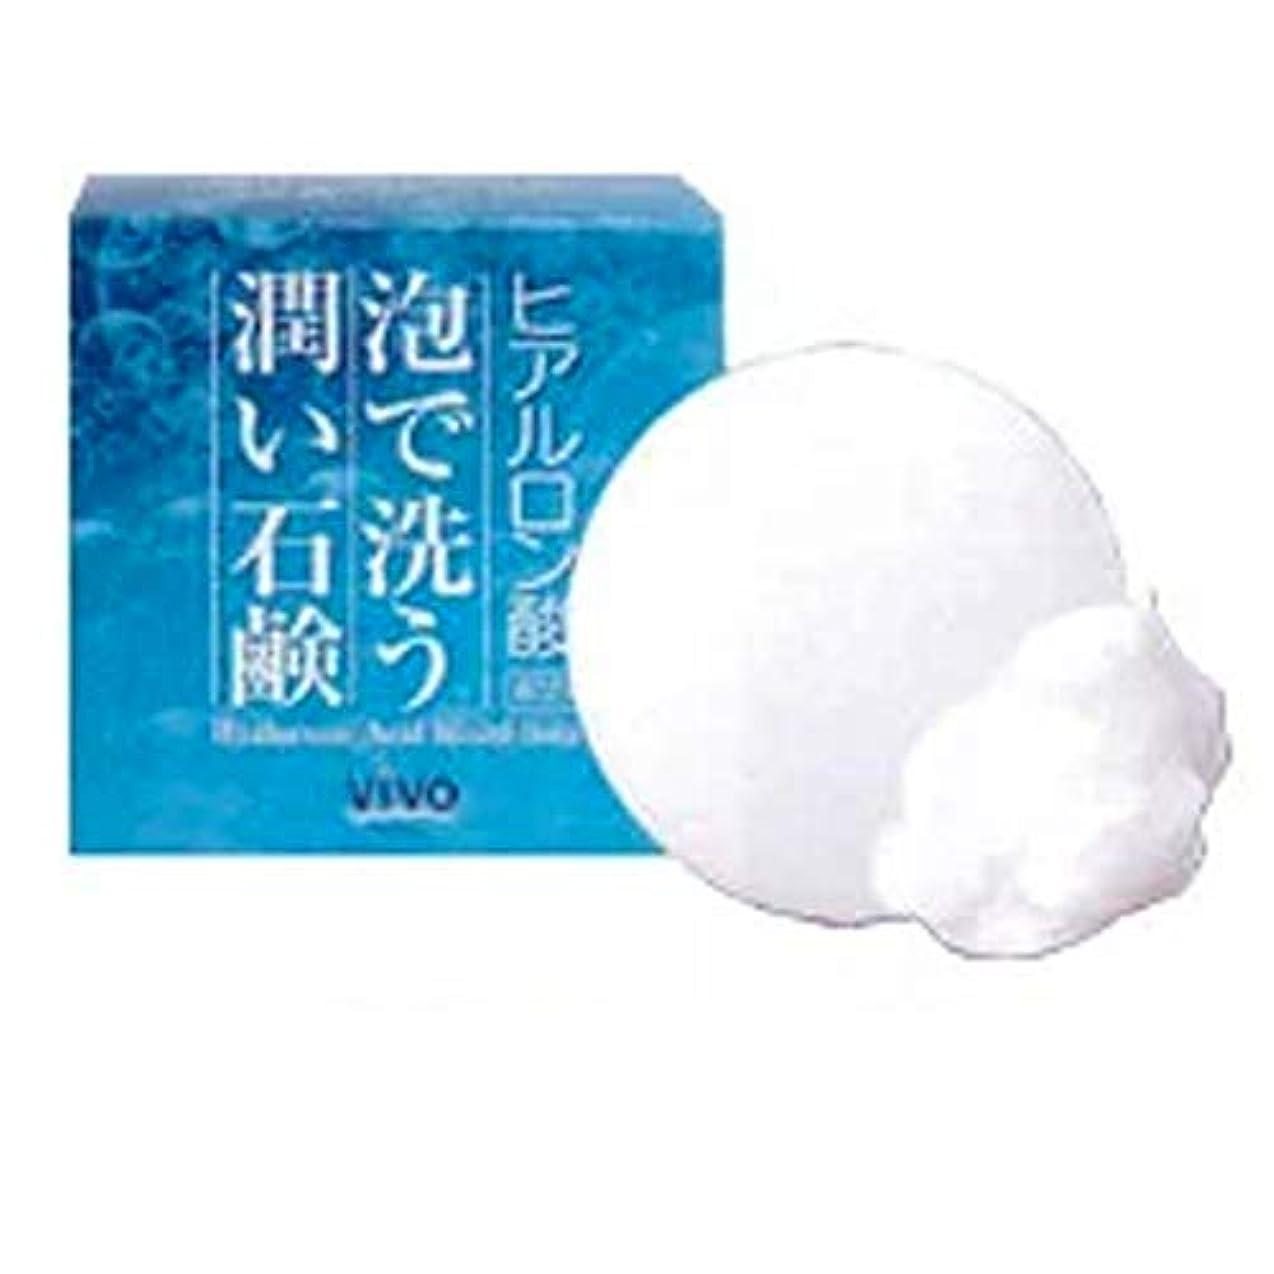 おとなしいパーク作りBella Vivo ヒアルロン酸洗顔石鹸 3個セット